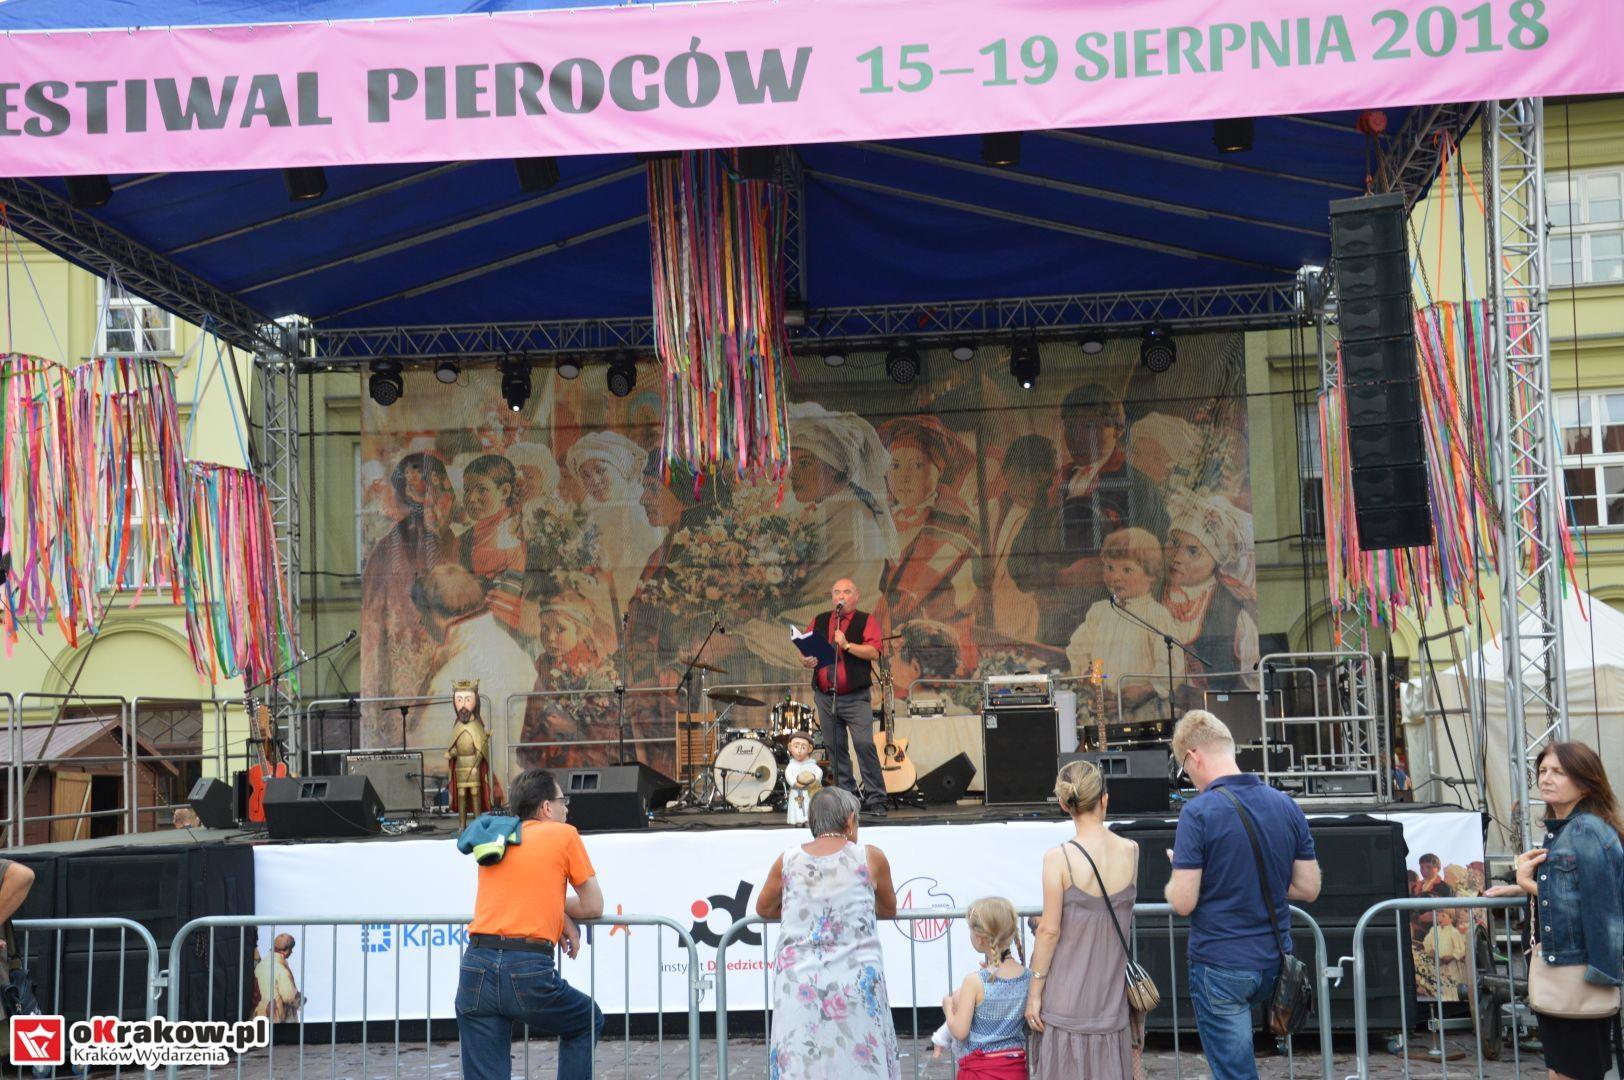 krakow festiwal pierogow maly rynek koncert cheap tobacco 92 150x150 - Galeria zdjęć Festiwal Pierogów Kraków 2018 + zdjęcia z koncertu Cheap Tobacco